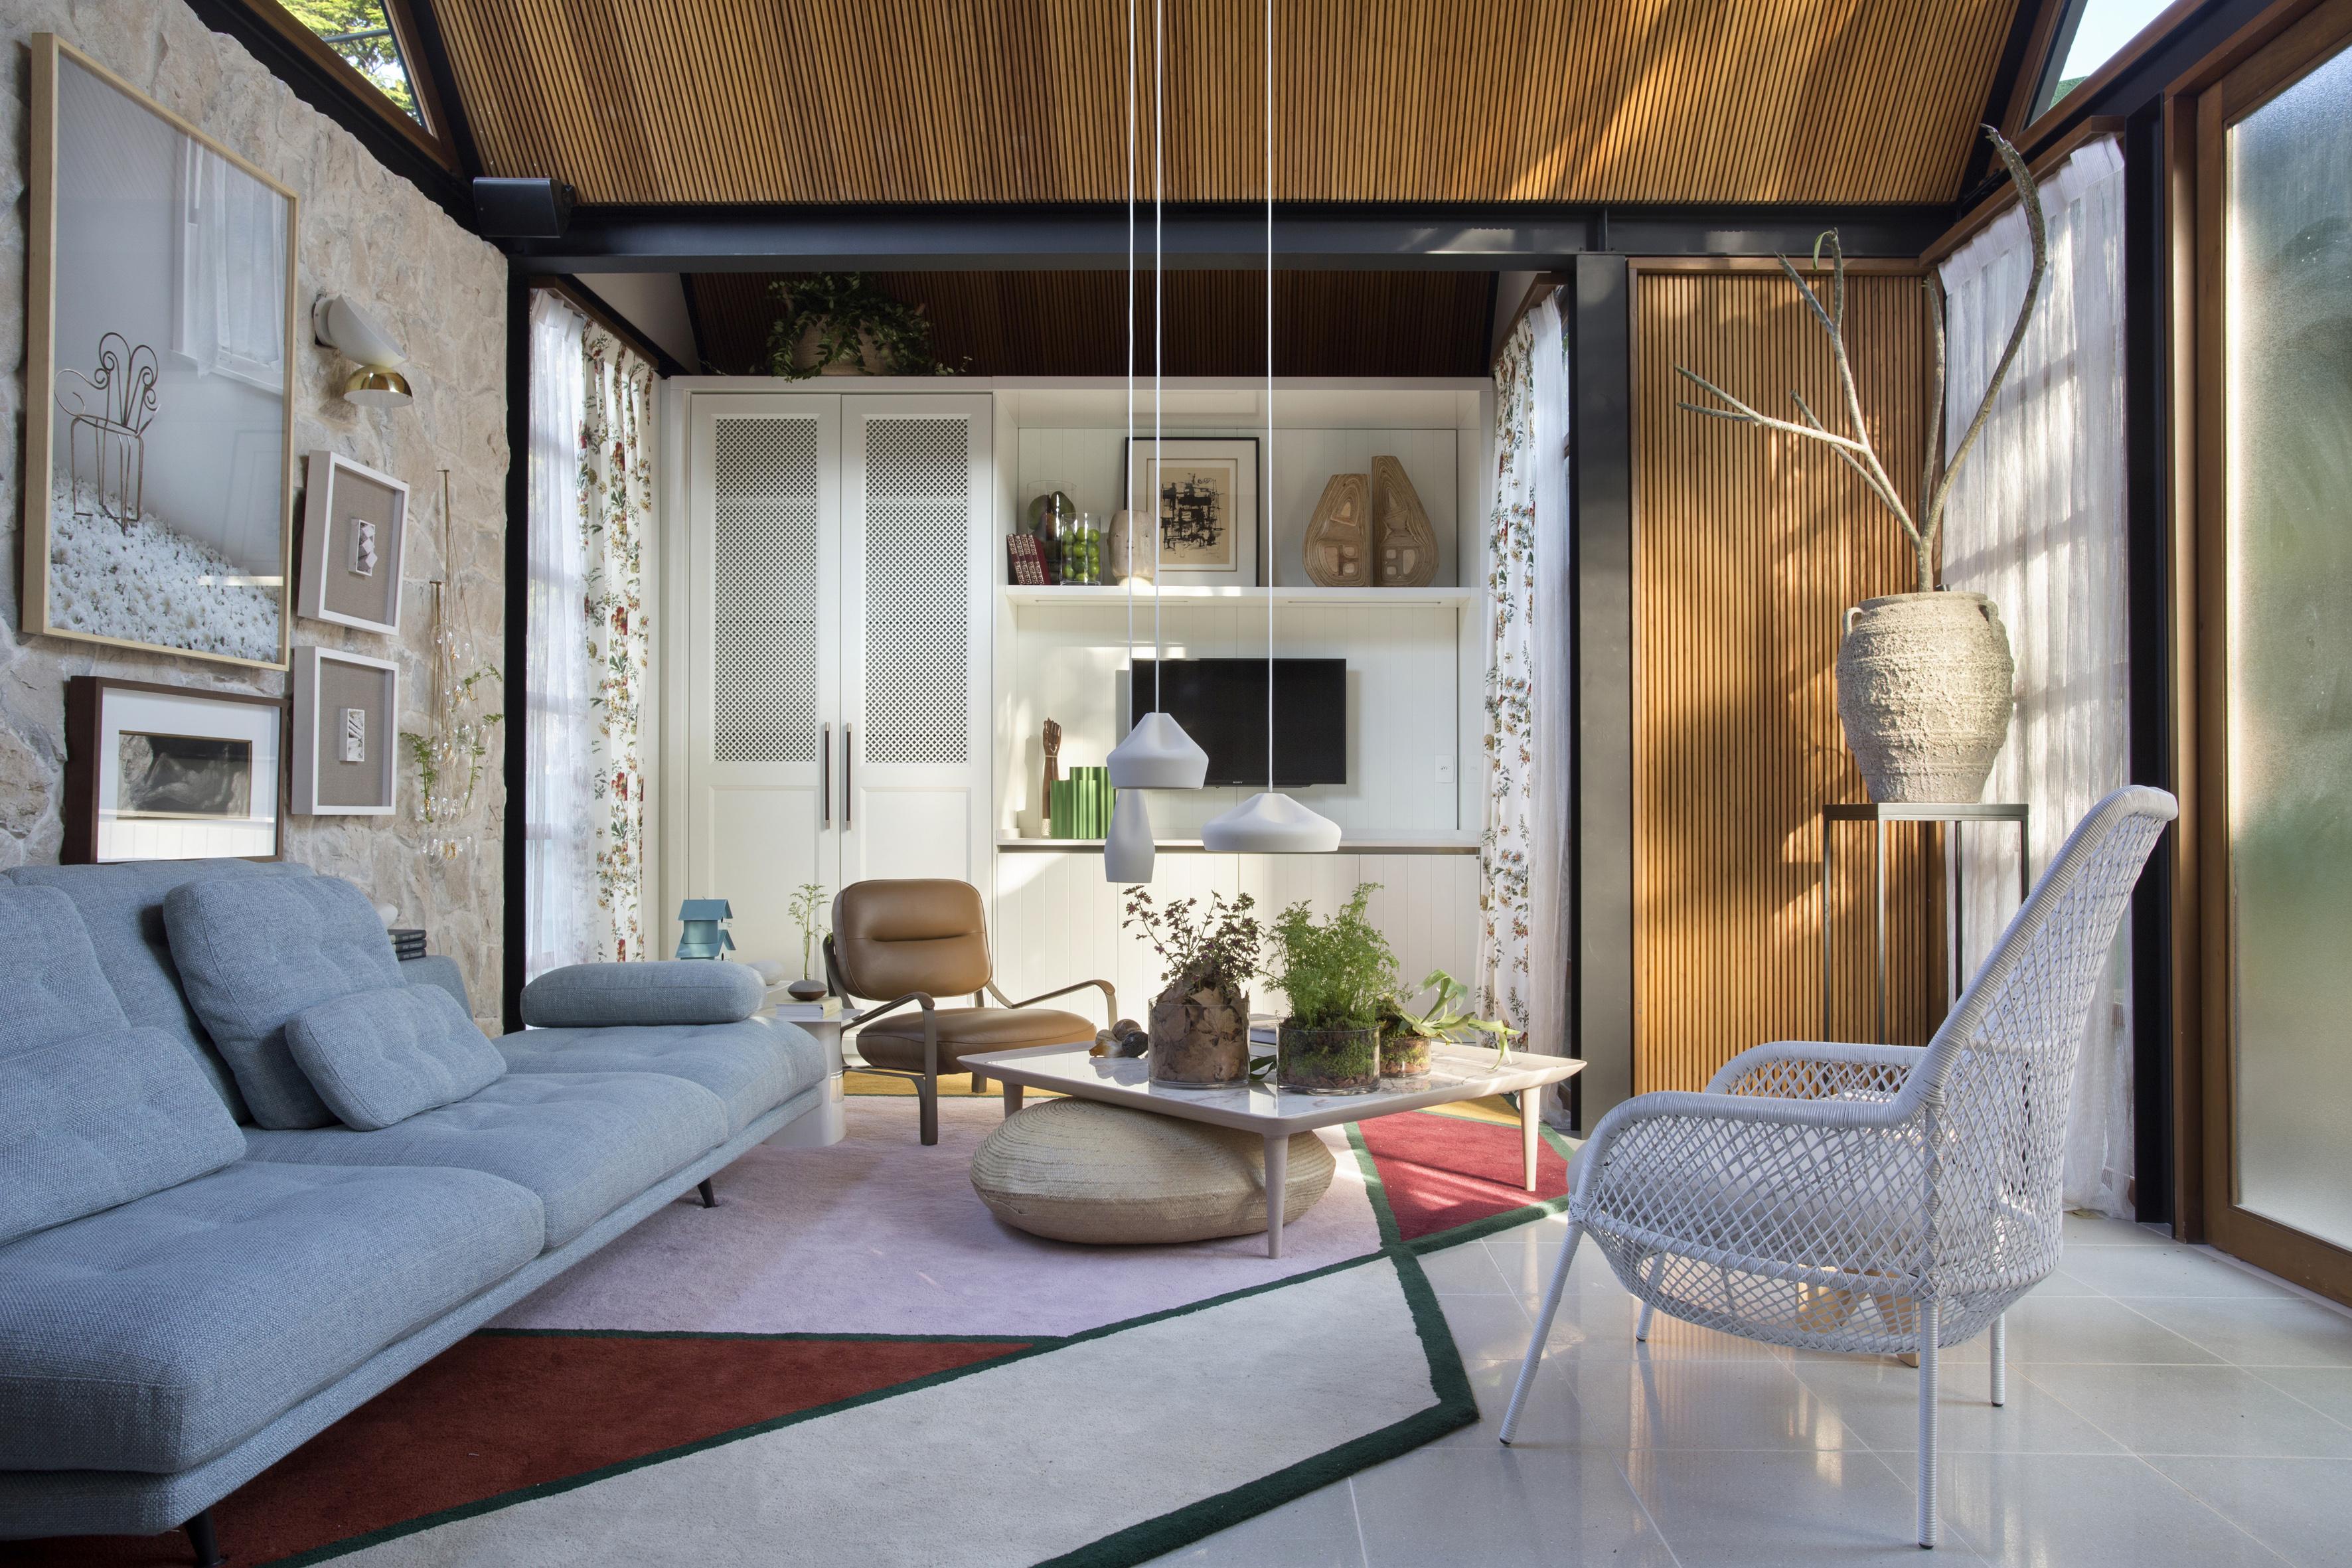 casacor decoração arquitetura são paulo cabana thiago manarelli ana paula guimarães